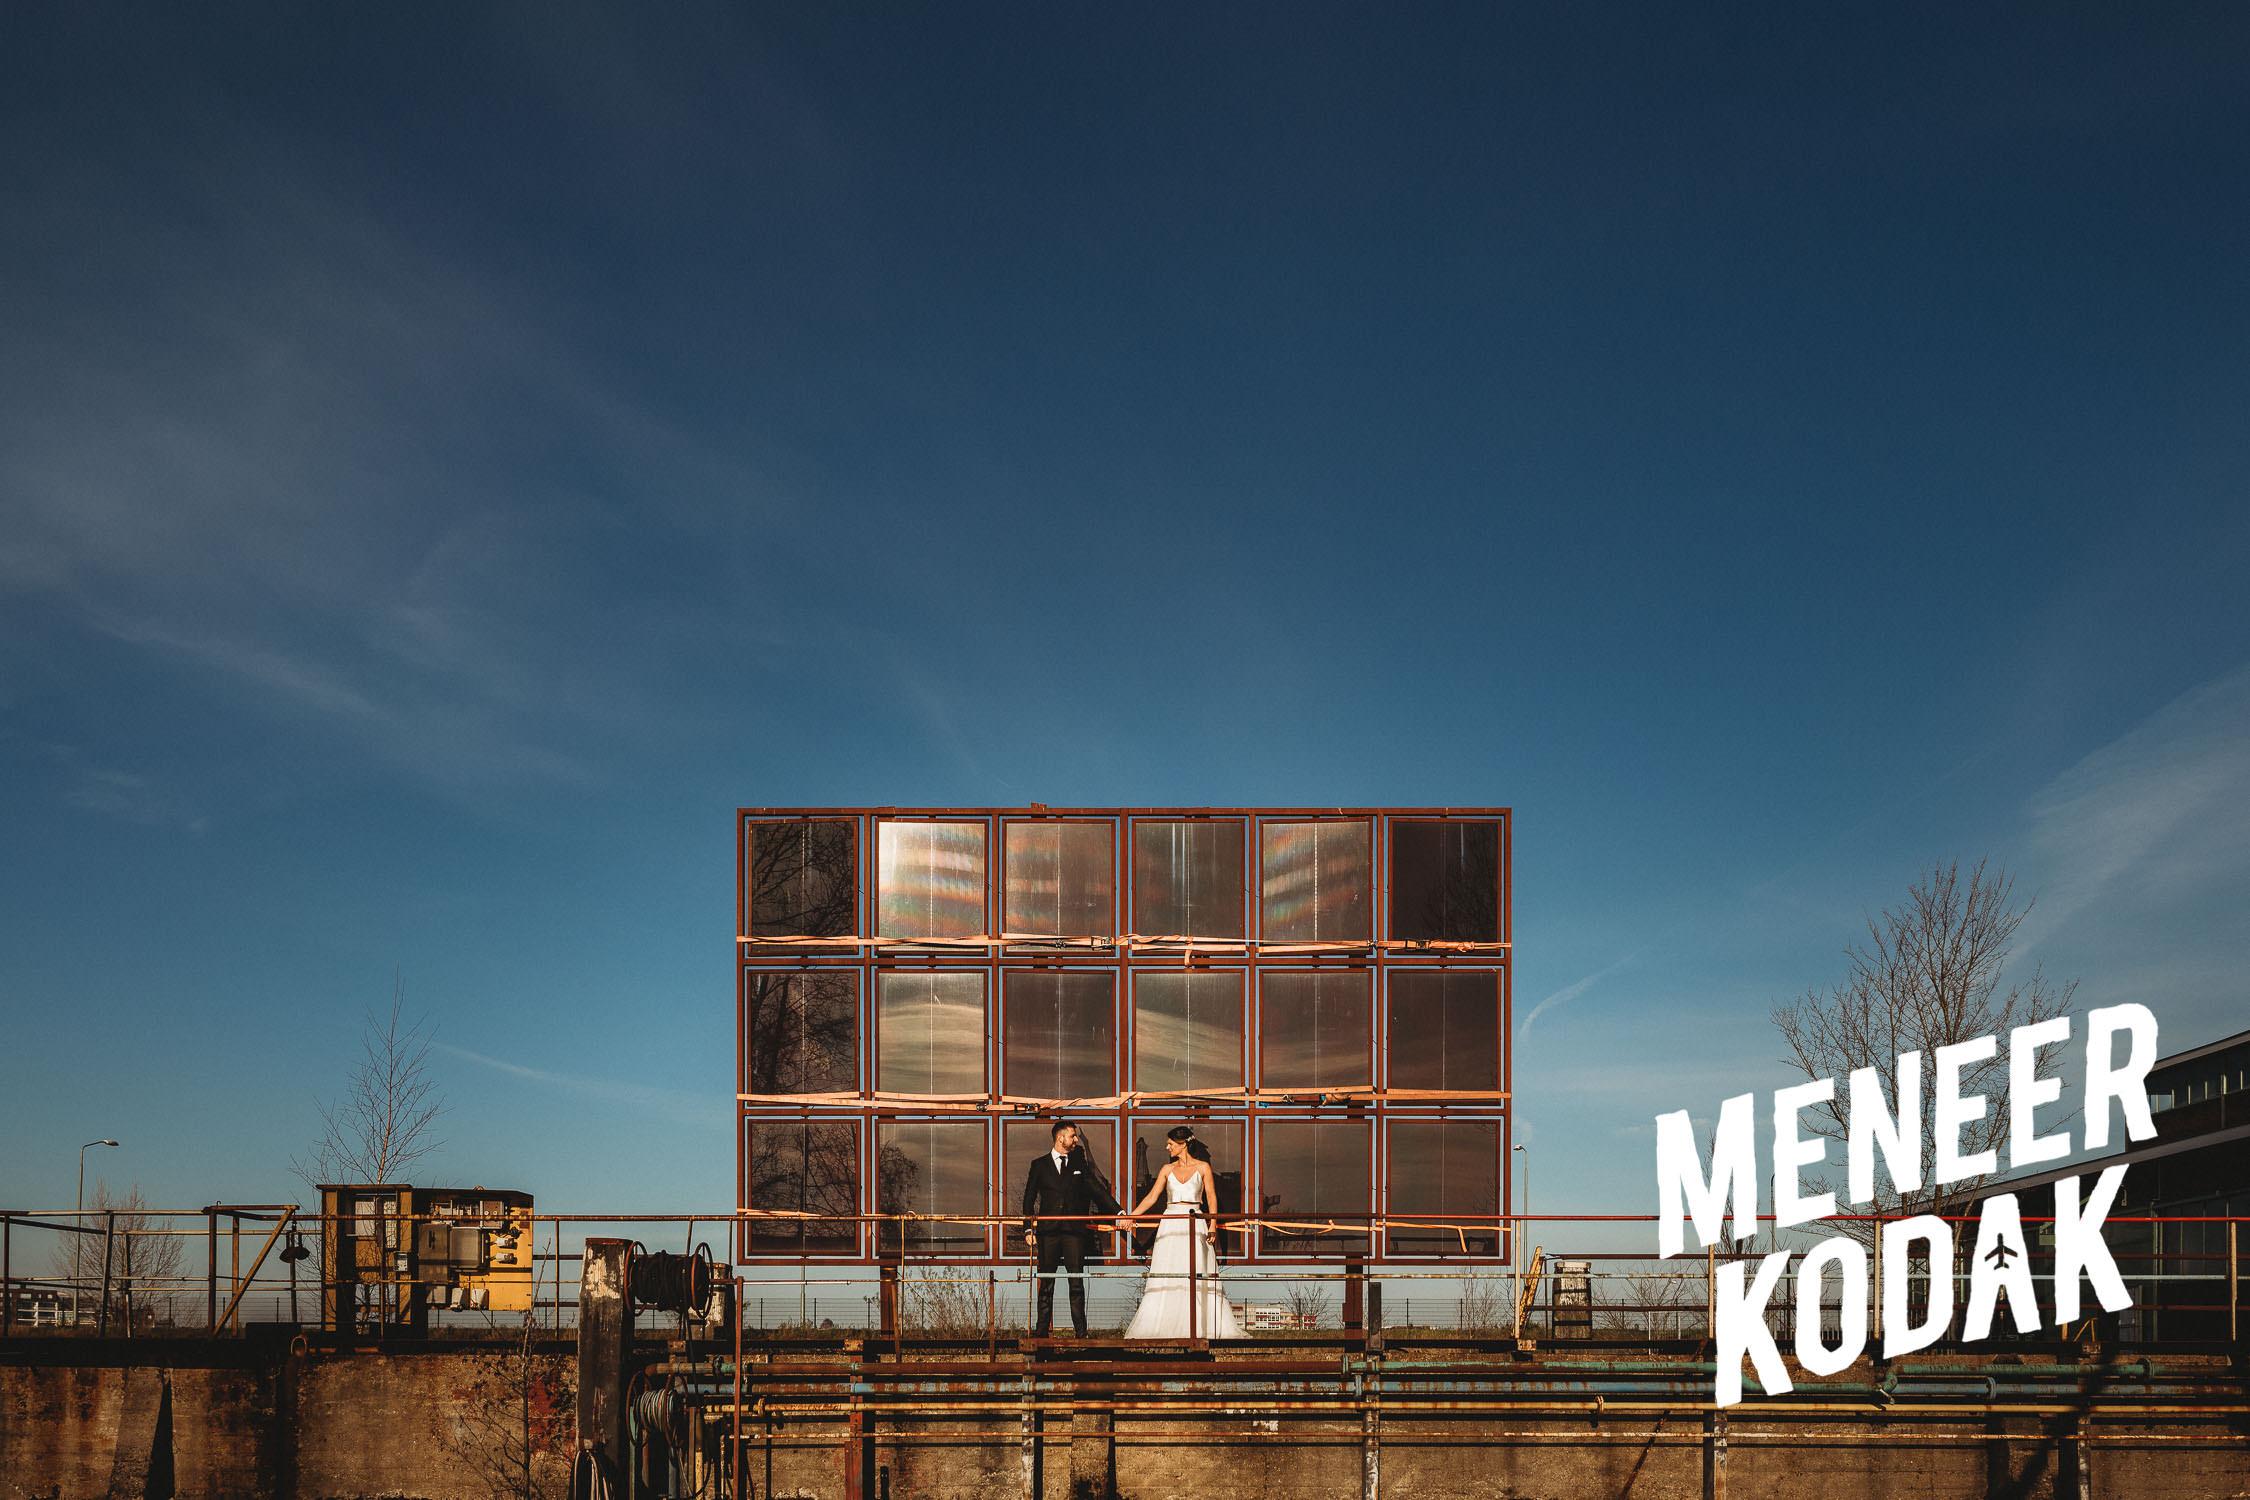 Meneer Kodak - Bruidsfotograaf - Breda - S&R-077.jpg